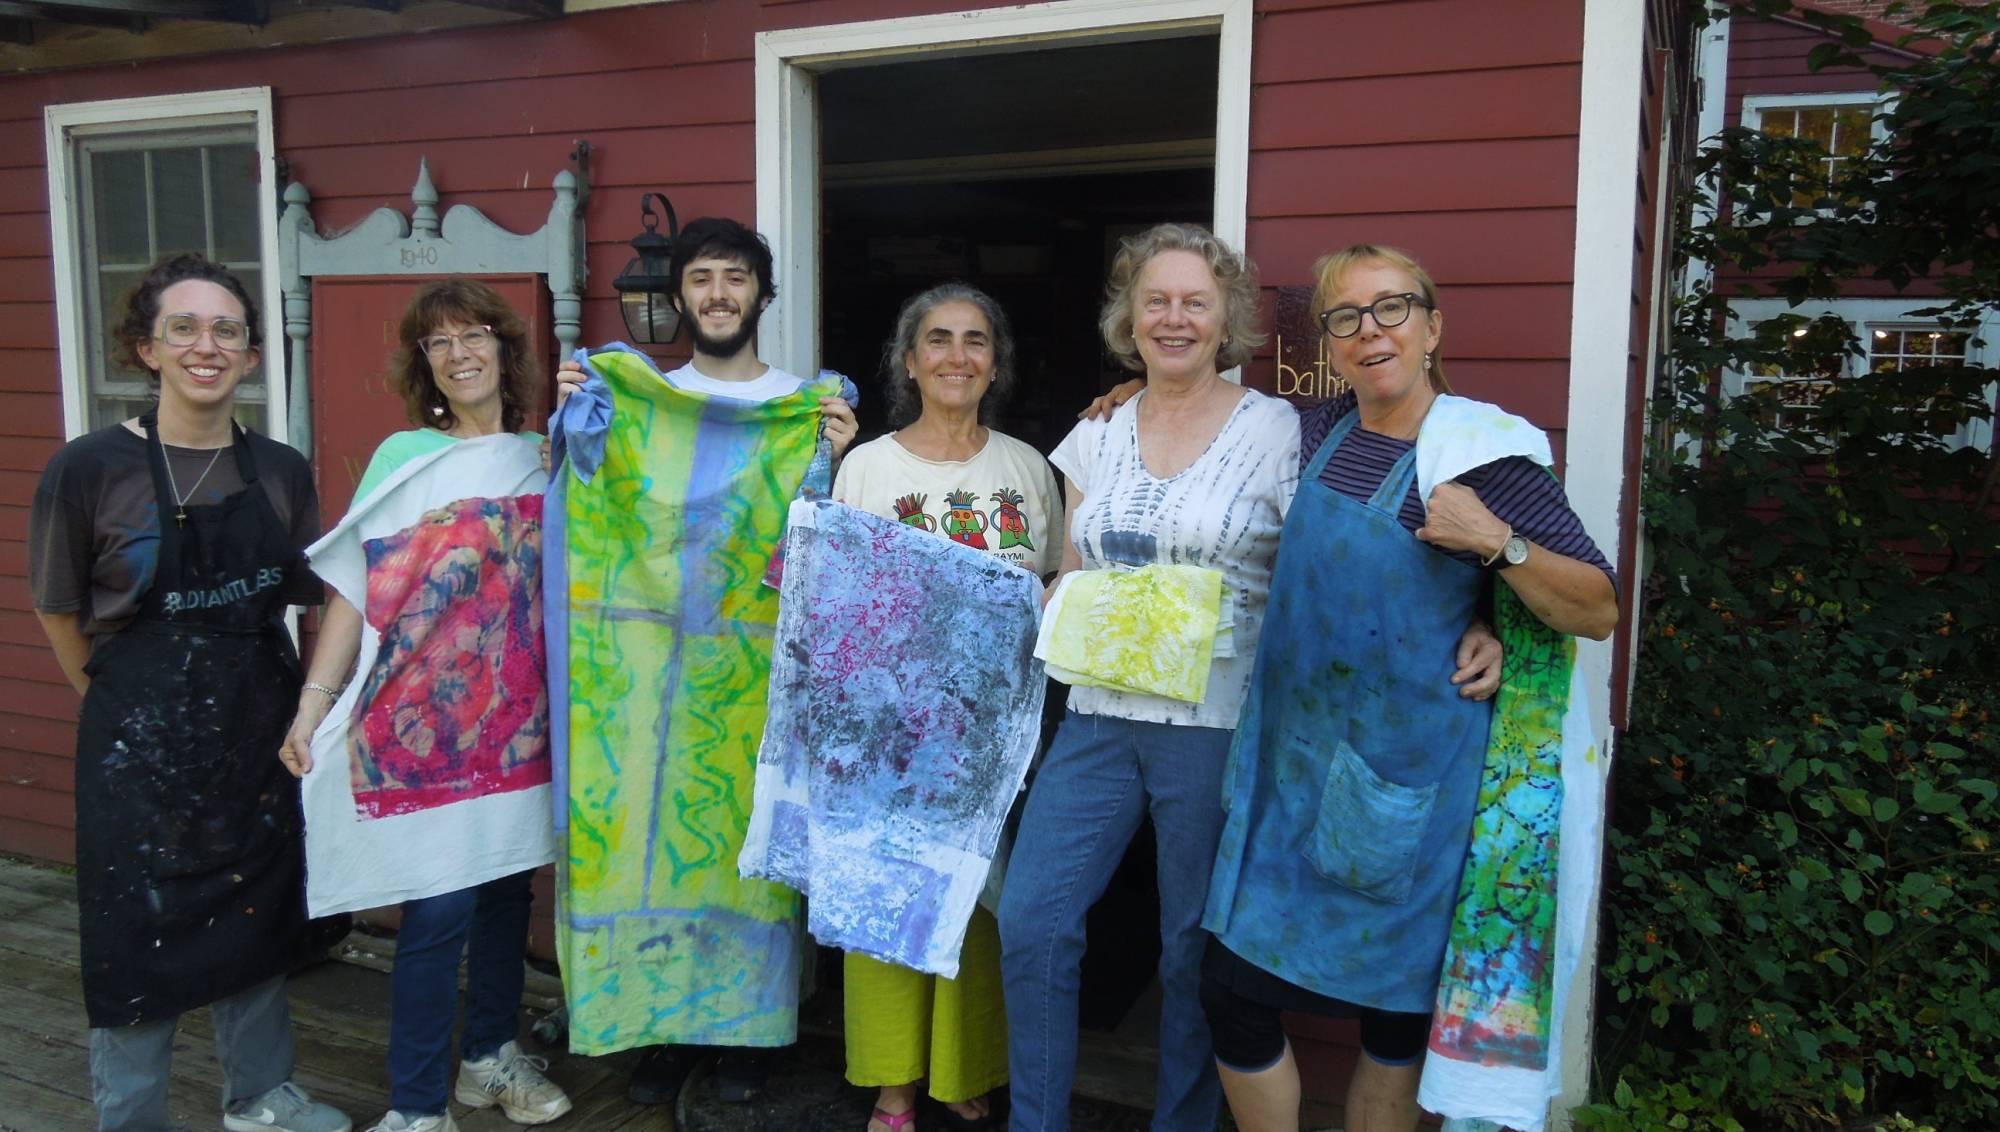 dying fabric, snow farm workshop, farmhouse studio